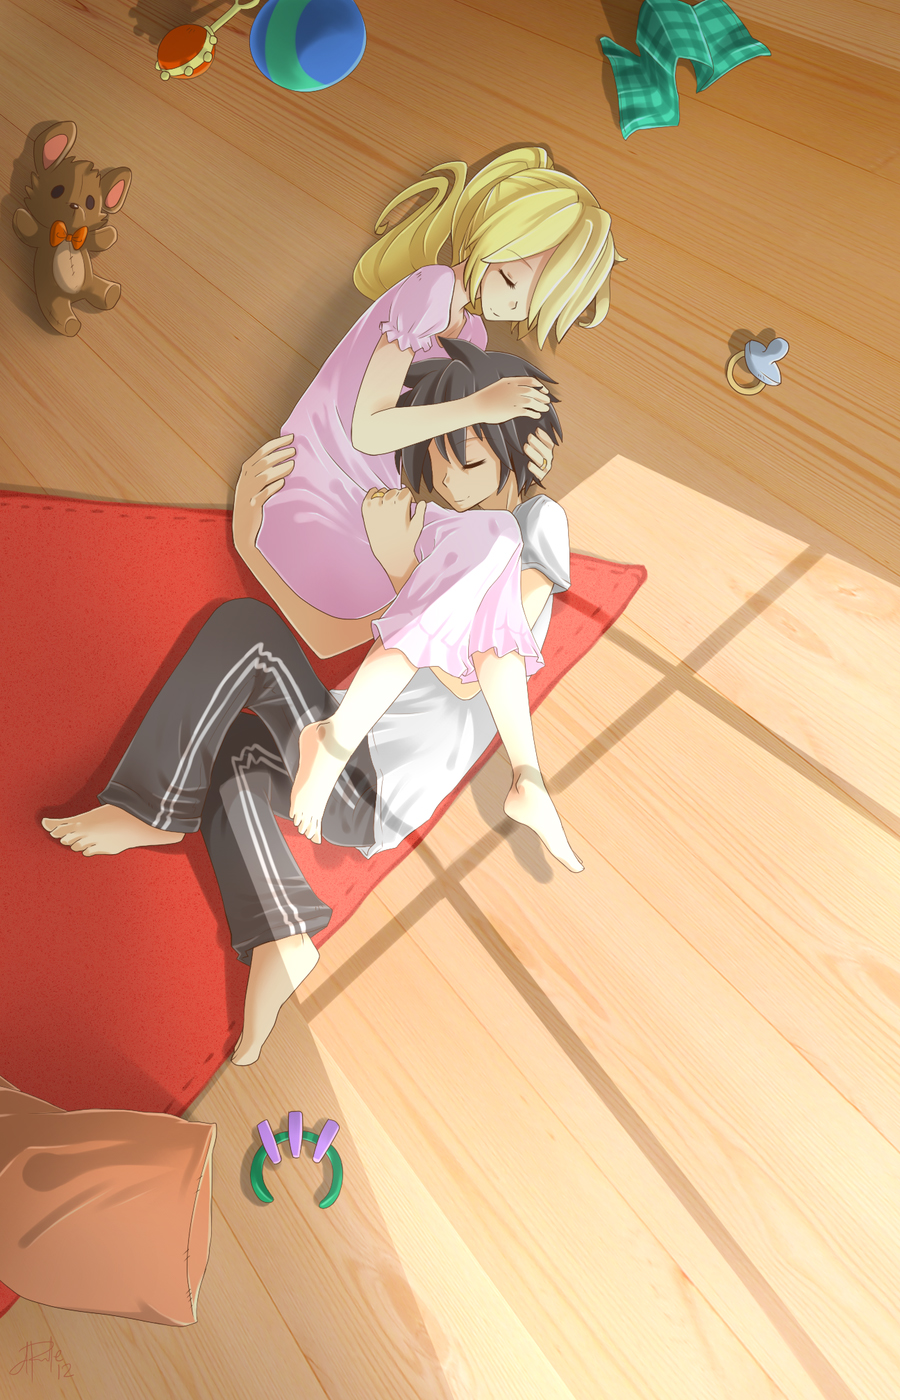 Pok 233 Mon Mobile Wallpaper 1148258 Zerochan Anime Image Board